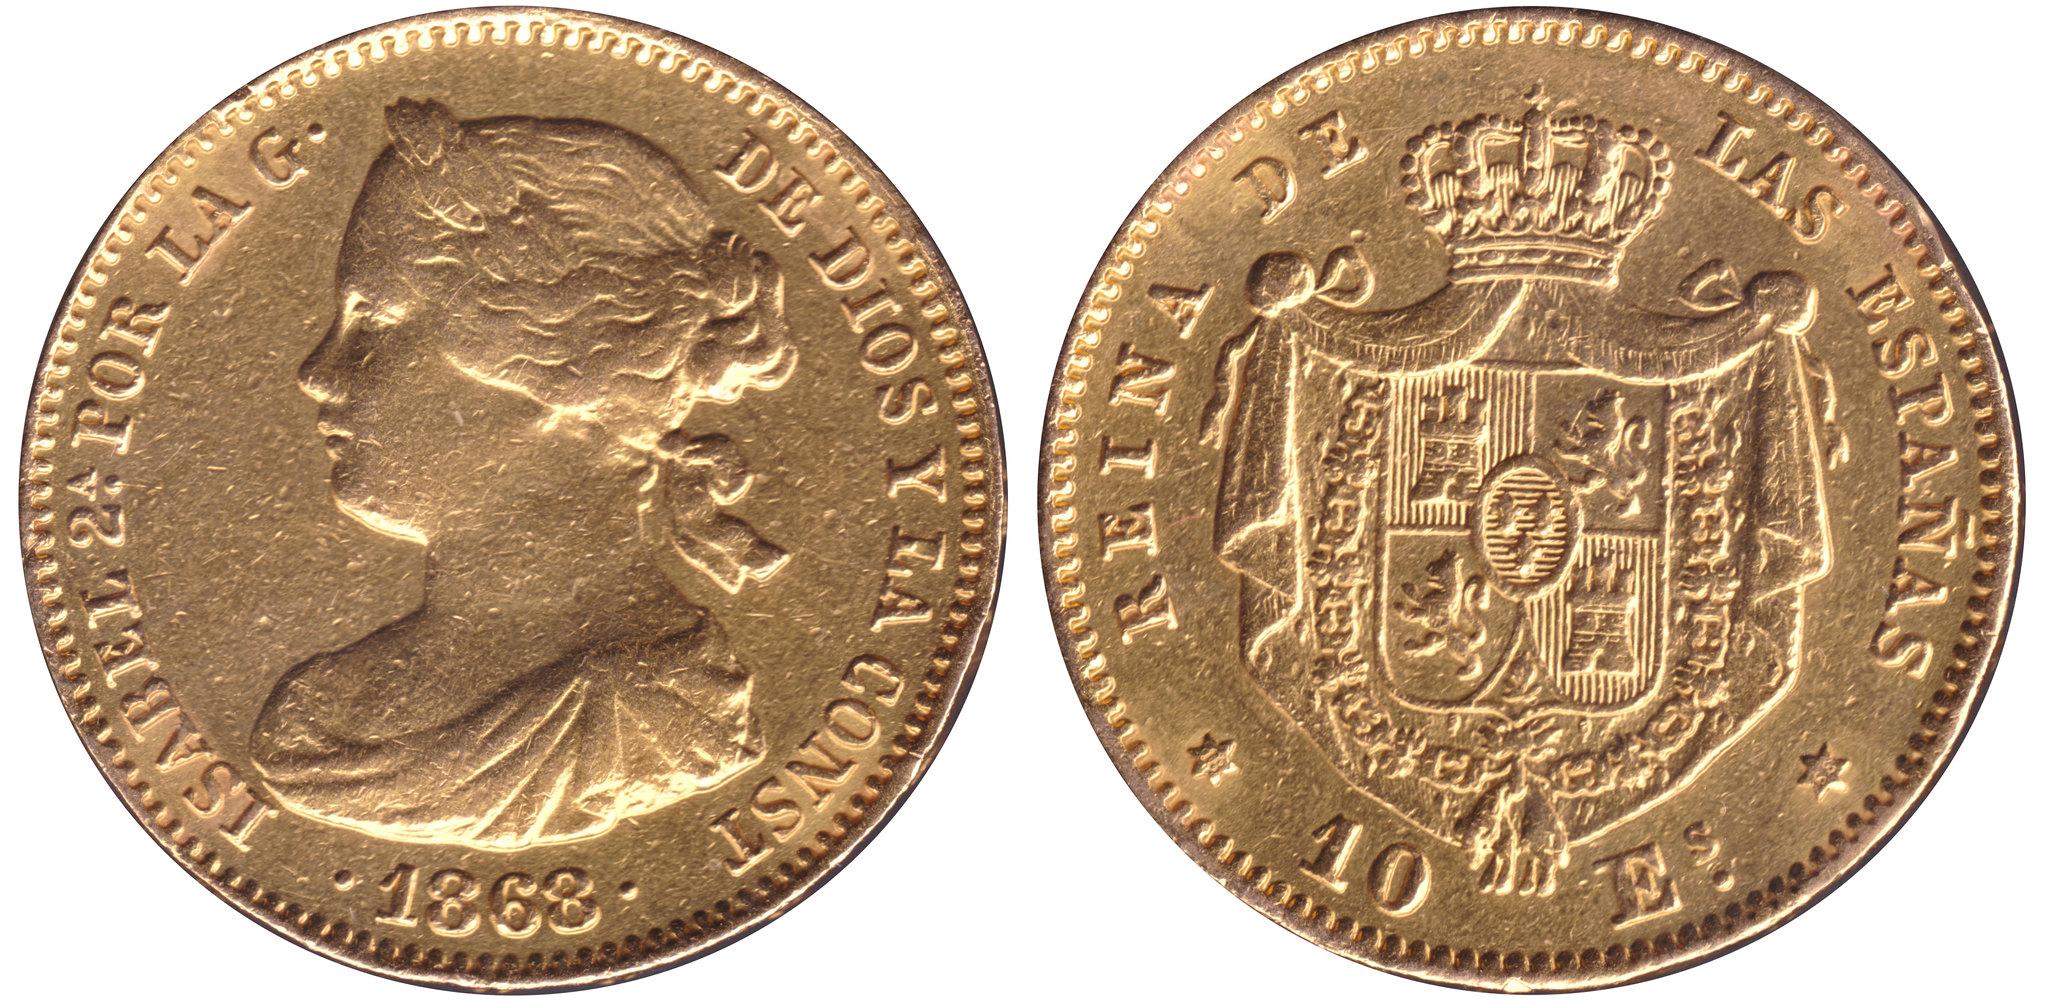 10 Escudos de Isabel II de 1868 y 25 Pesetas de Alfonso XII de 1881. 8618342411_b861ee9e1c_k